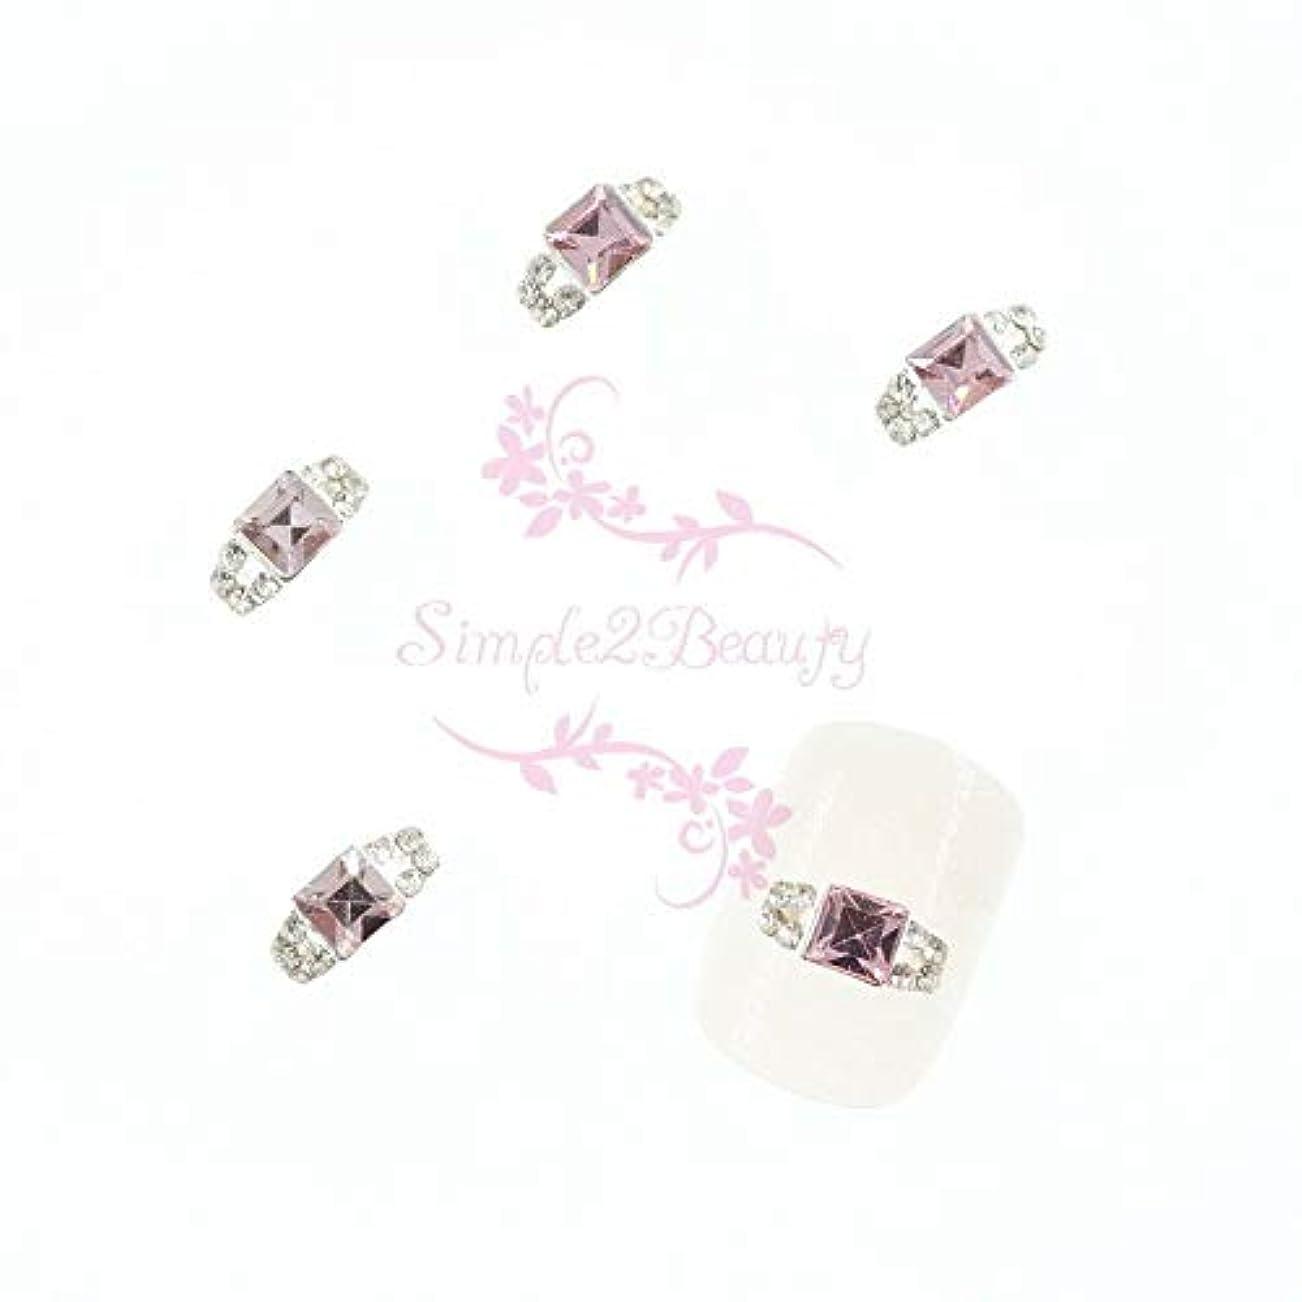 タバコ操作可能グレードFidgetGear 20クリスタルラインストーンの装飾3Dリングスタイルシルバーメッキ合金チャームネイルアート ピンク